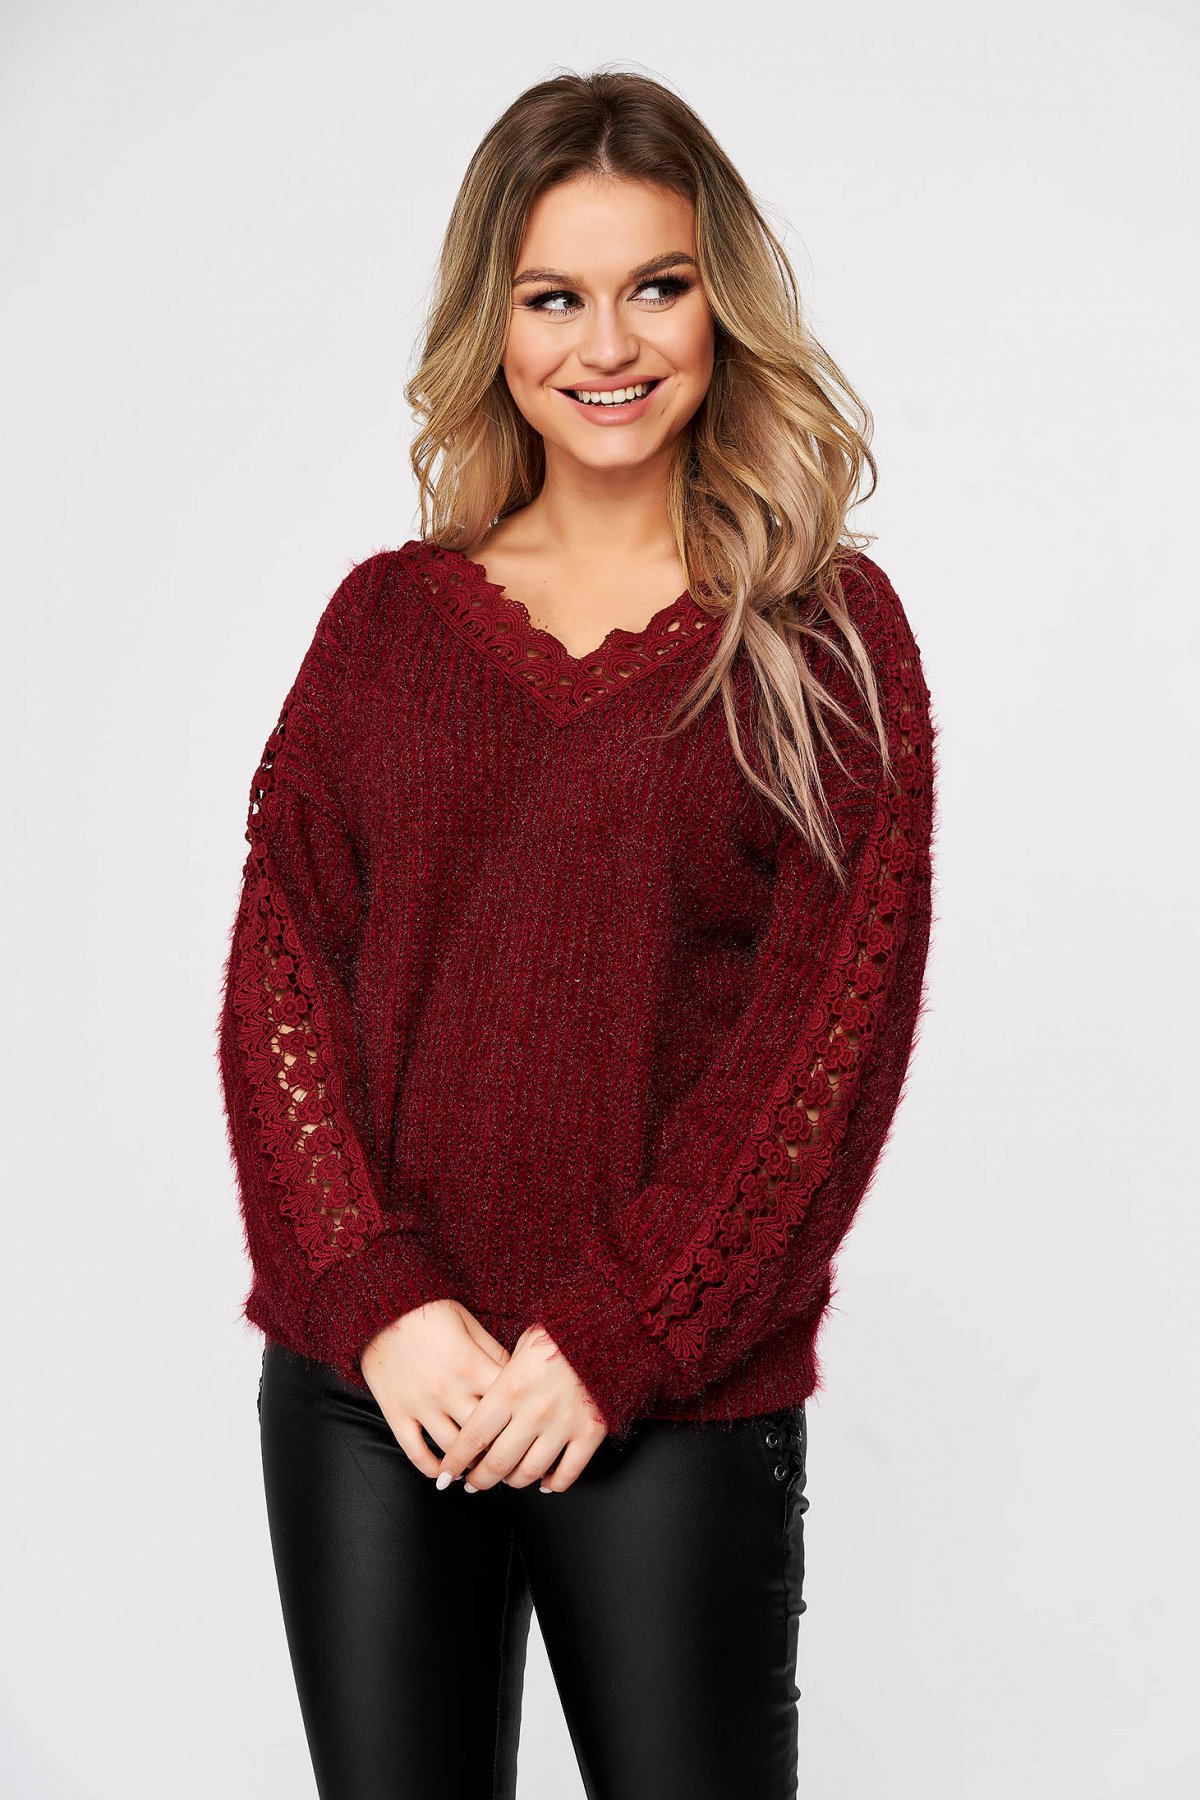 Pulover SunShine visiniu casual cu croi larg din material tricotat si aplicatii de dantela imagine